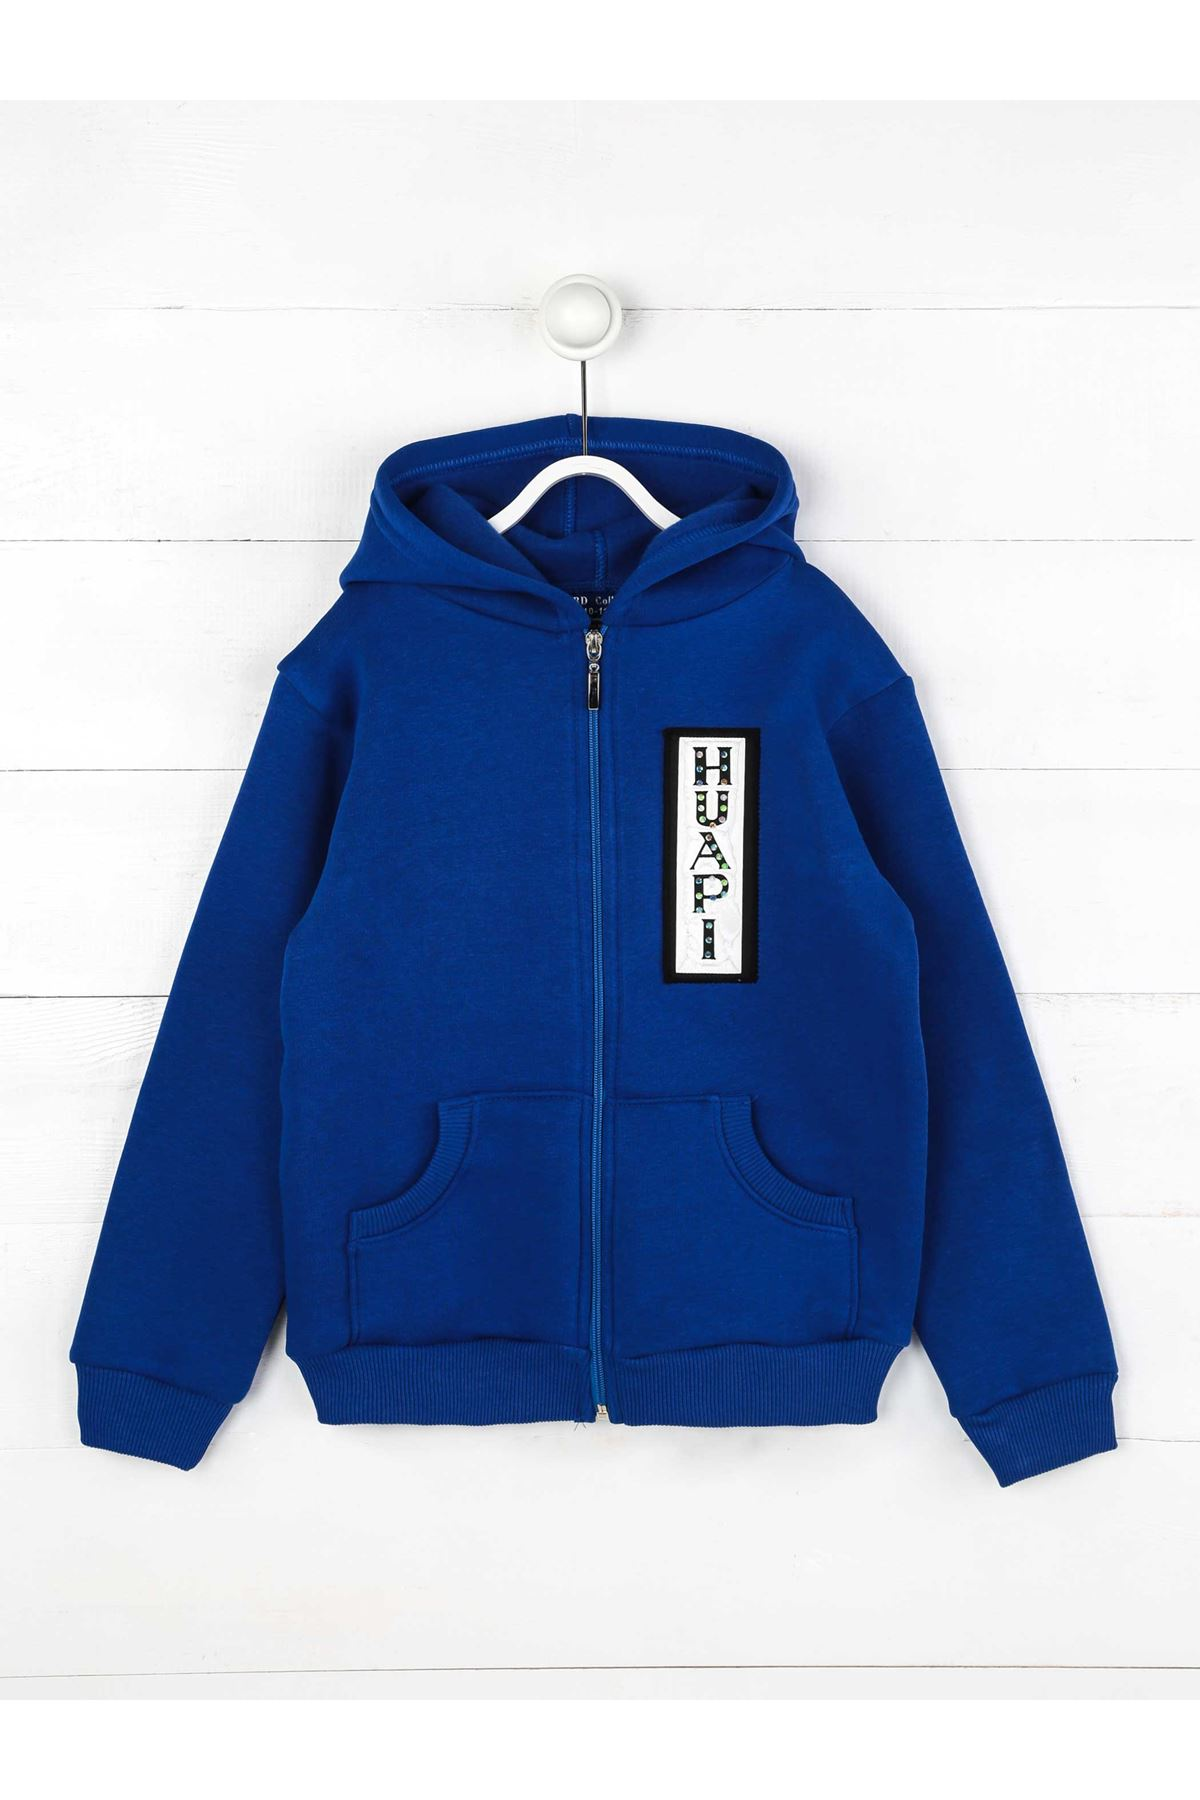 Sax Kışlık Kapüşonlu  Kız Çocuk Sweatshirt